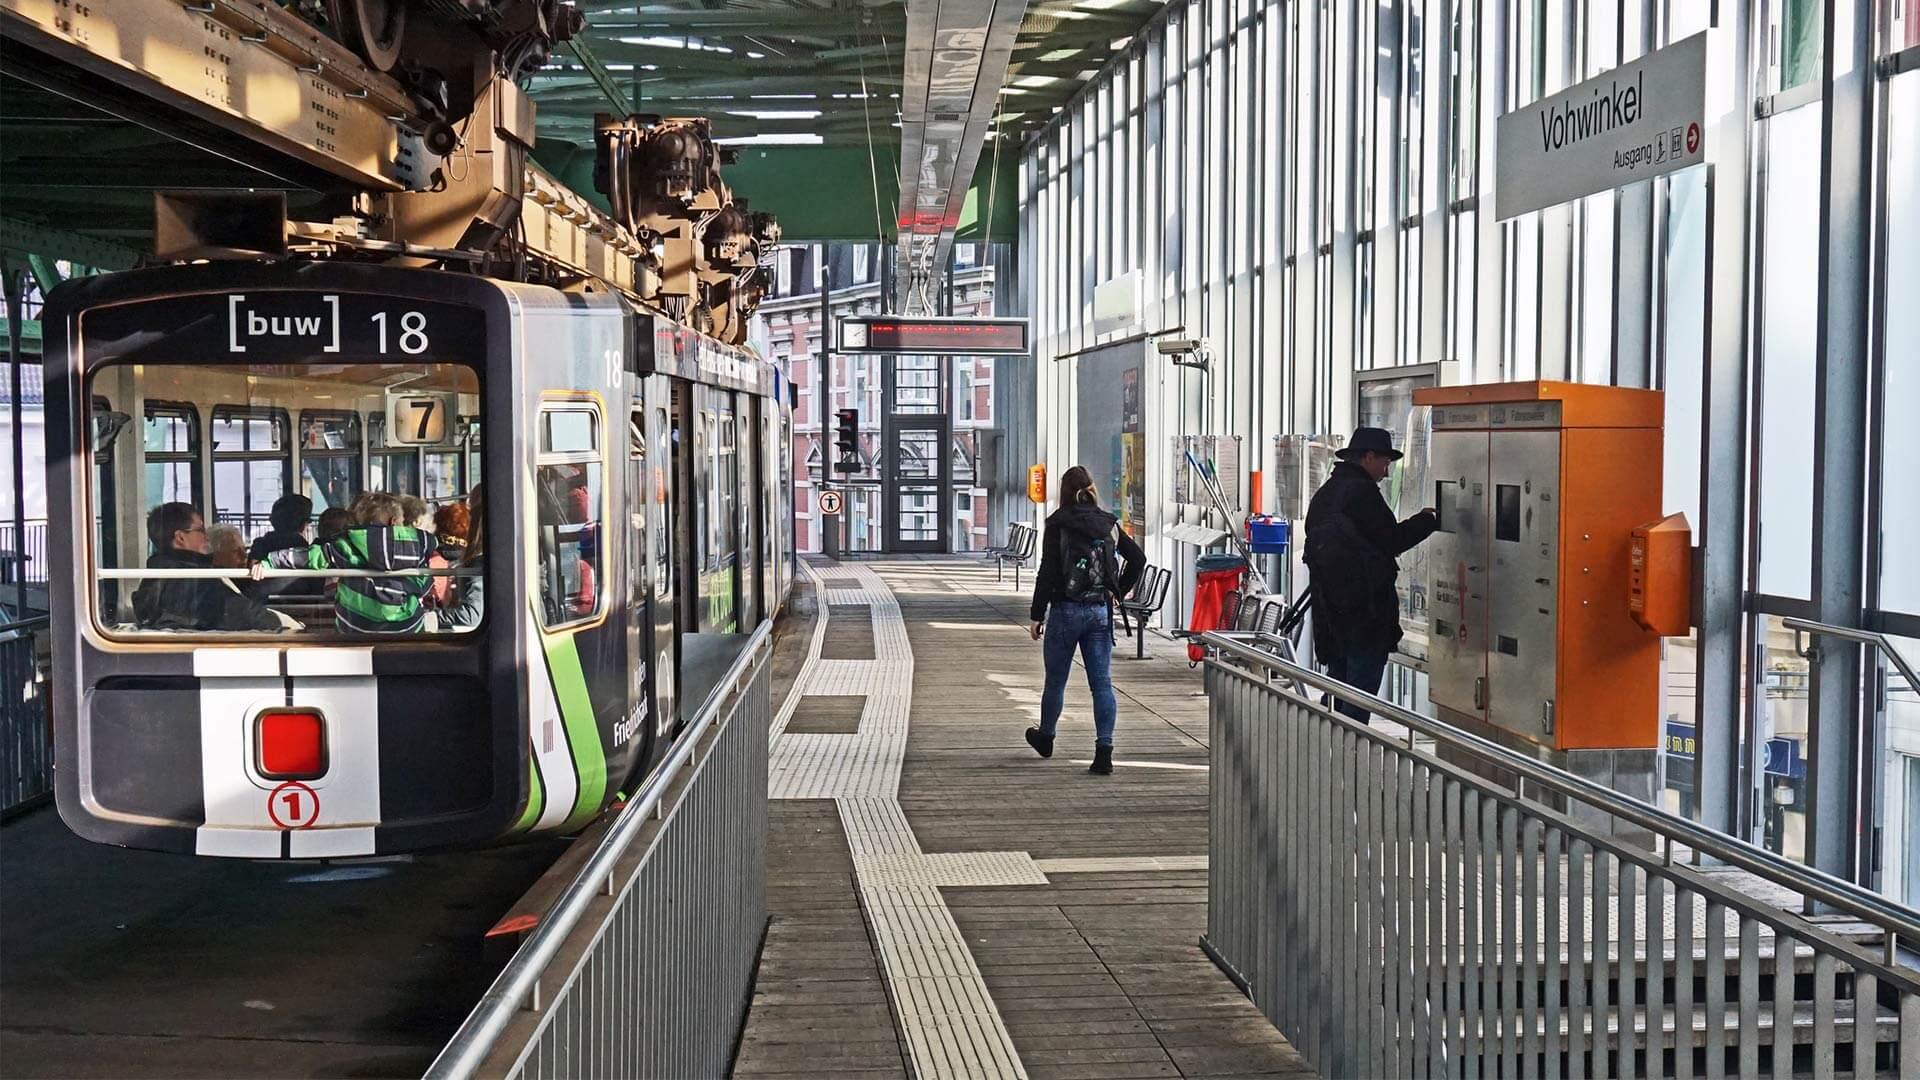 Zeitarbeit in Wuppertal Vohwinkel